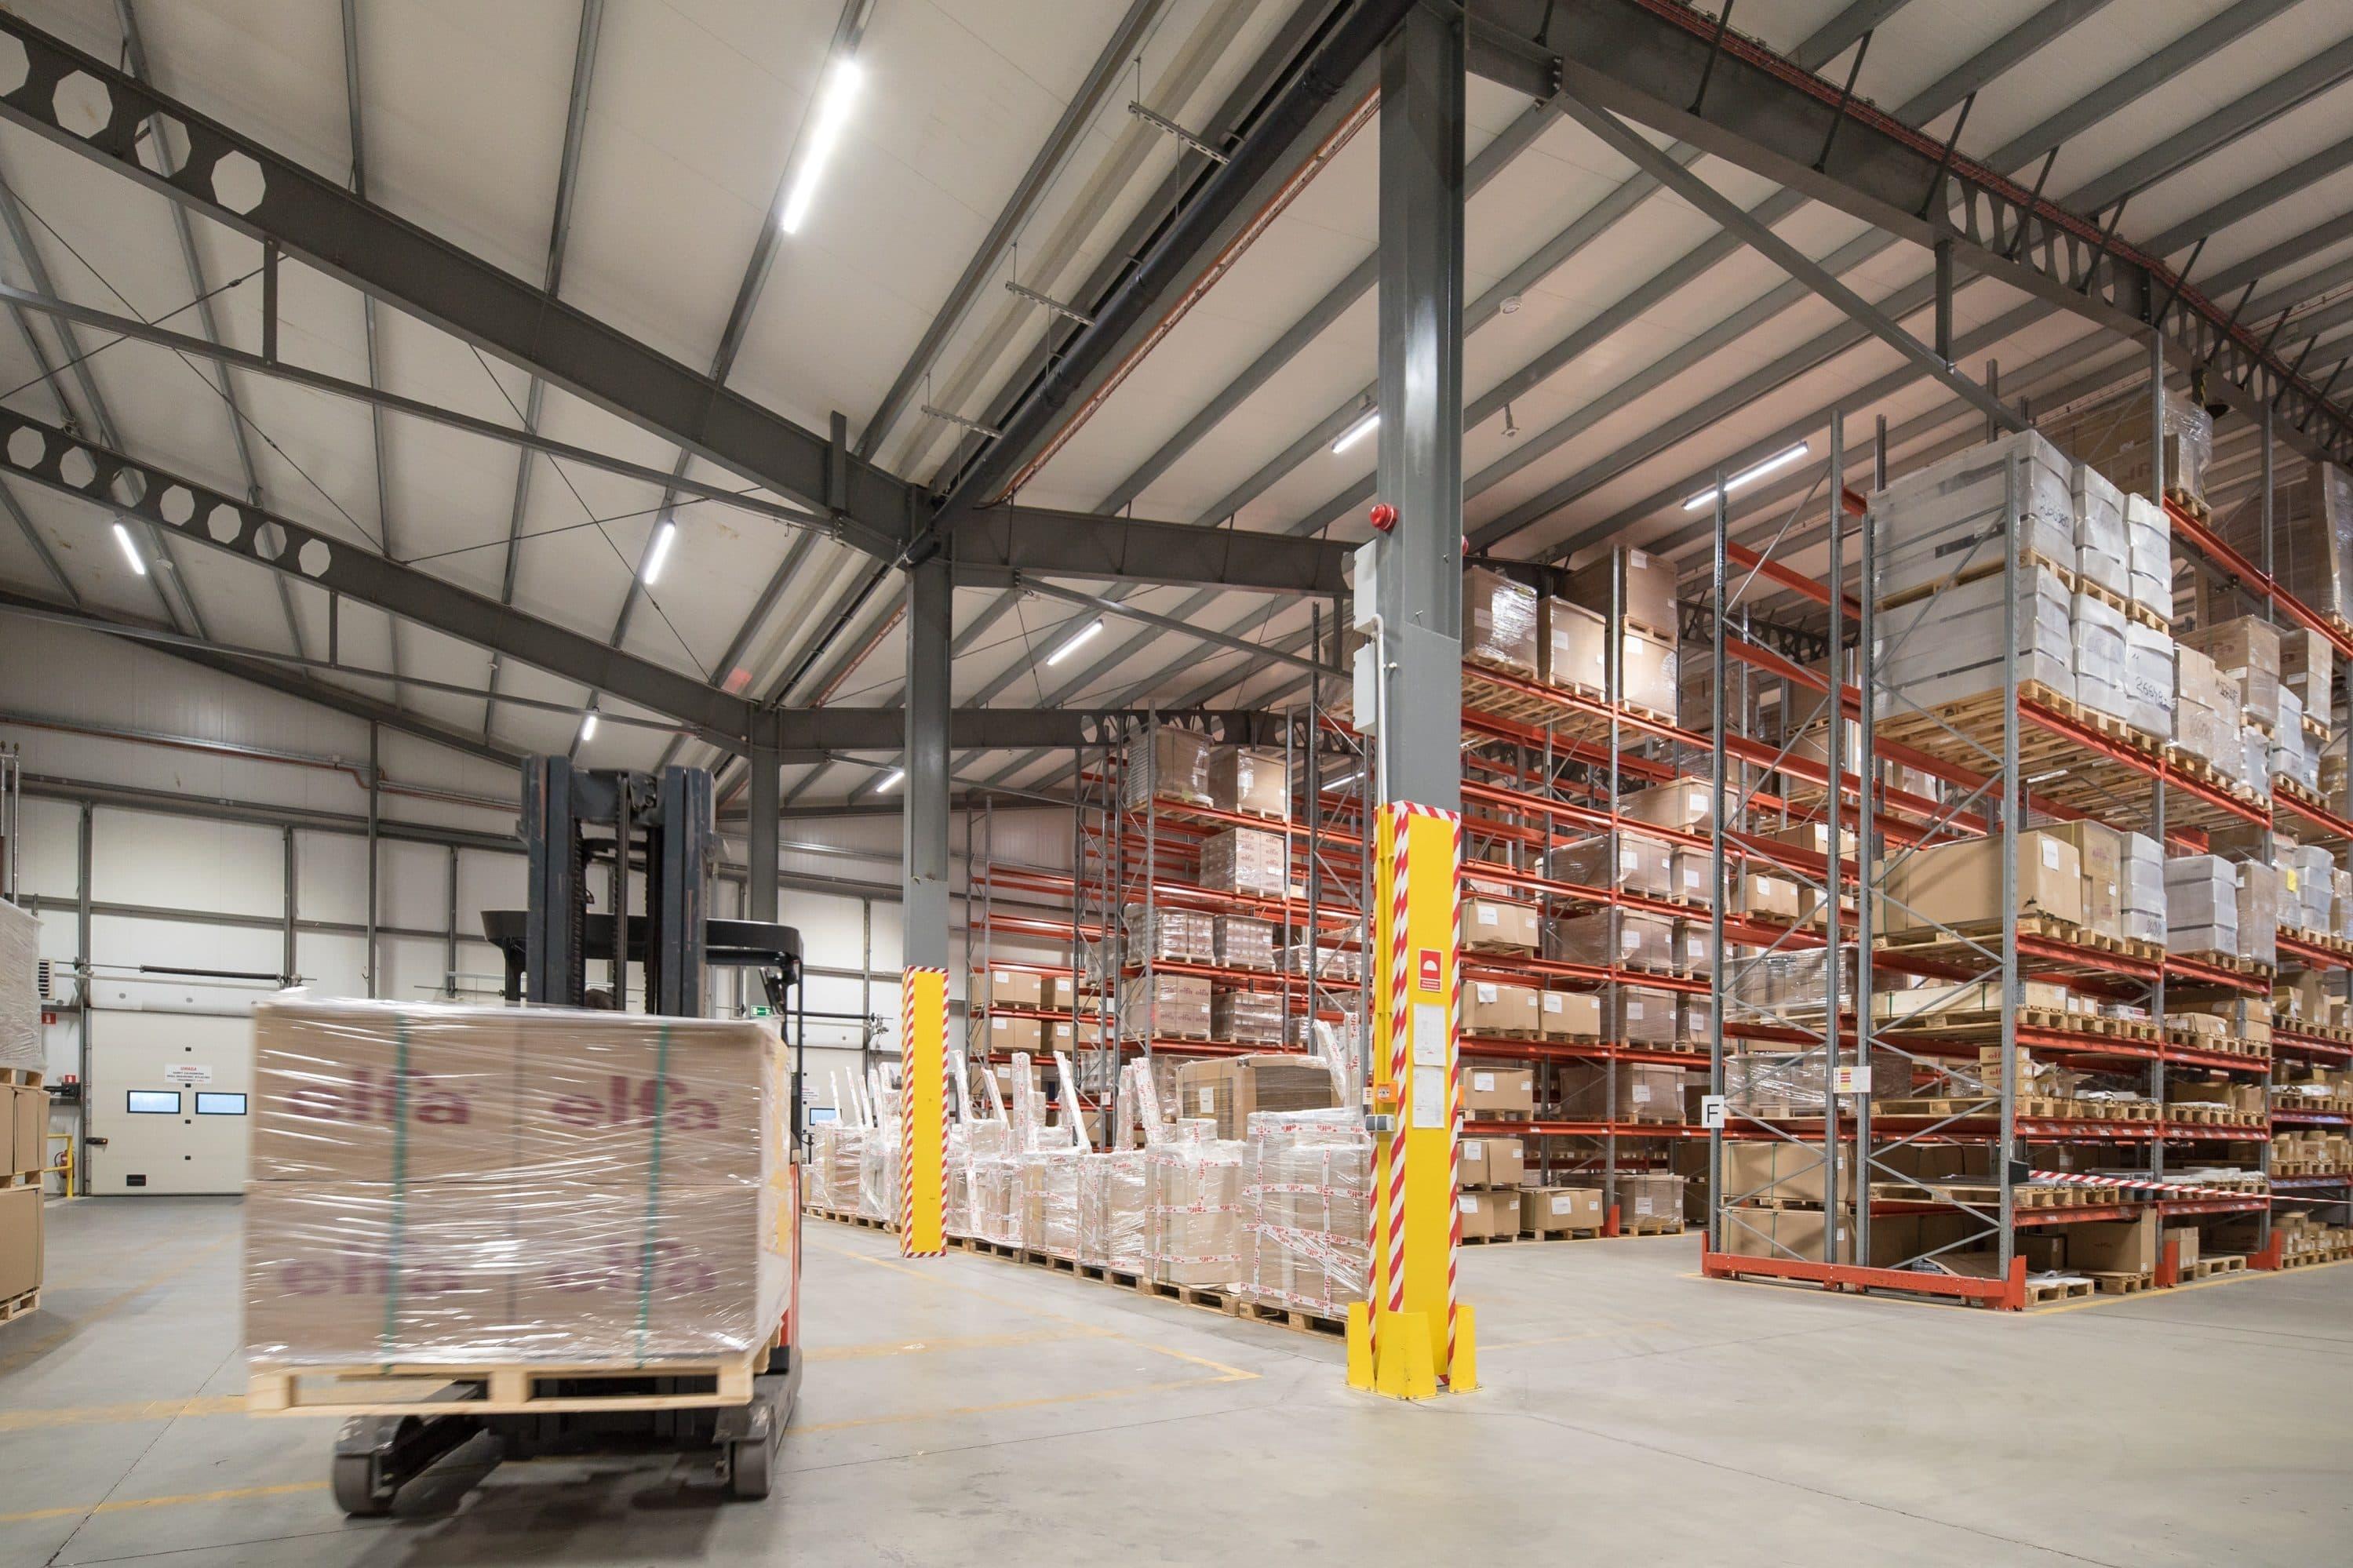 Oprawy przemysłowe Industrial w magazynie firmy Elfa Manufacturing - Luxon LED